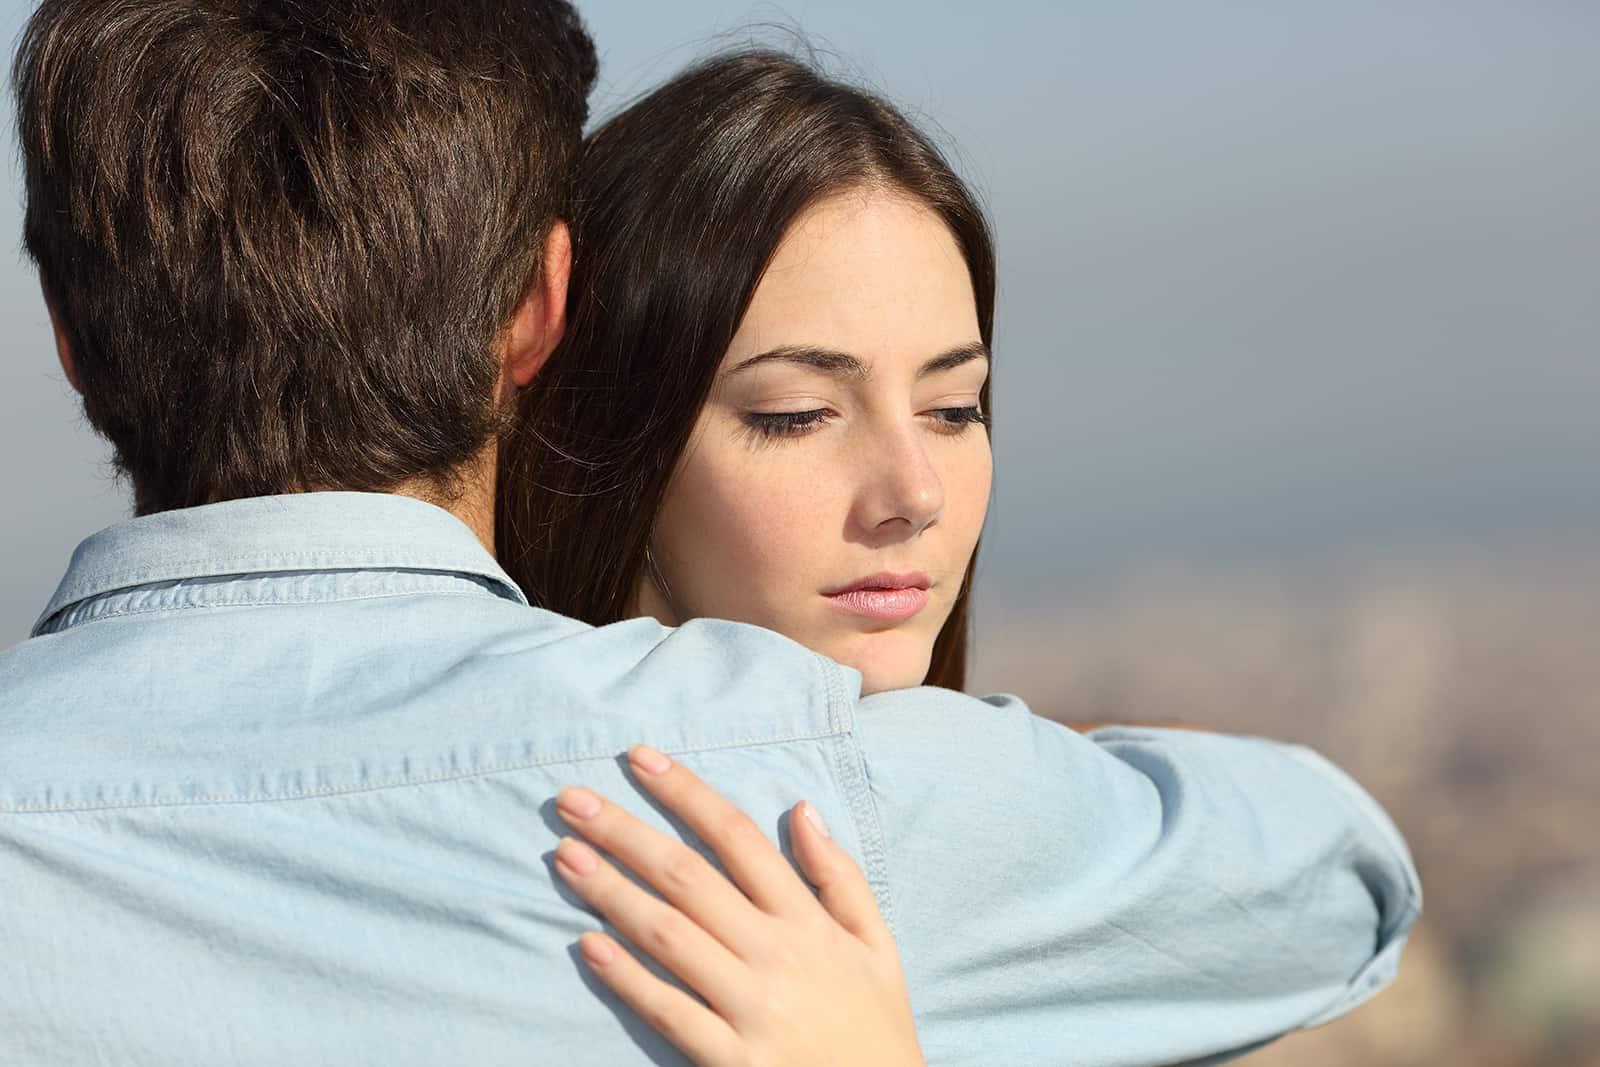 Eine nachdenkliche Frau umarmt ihren Freund und schaut nach unten